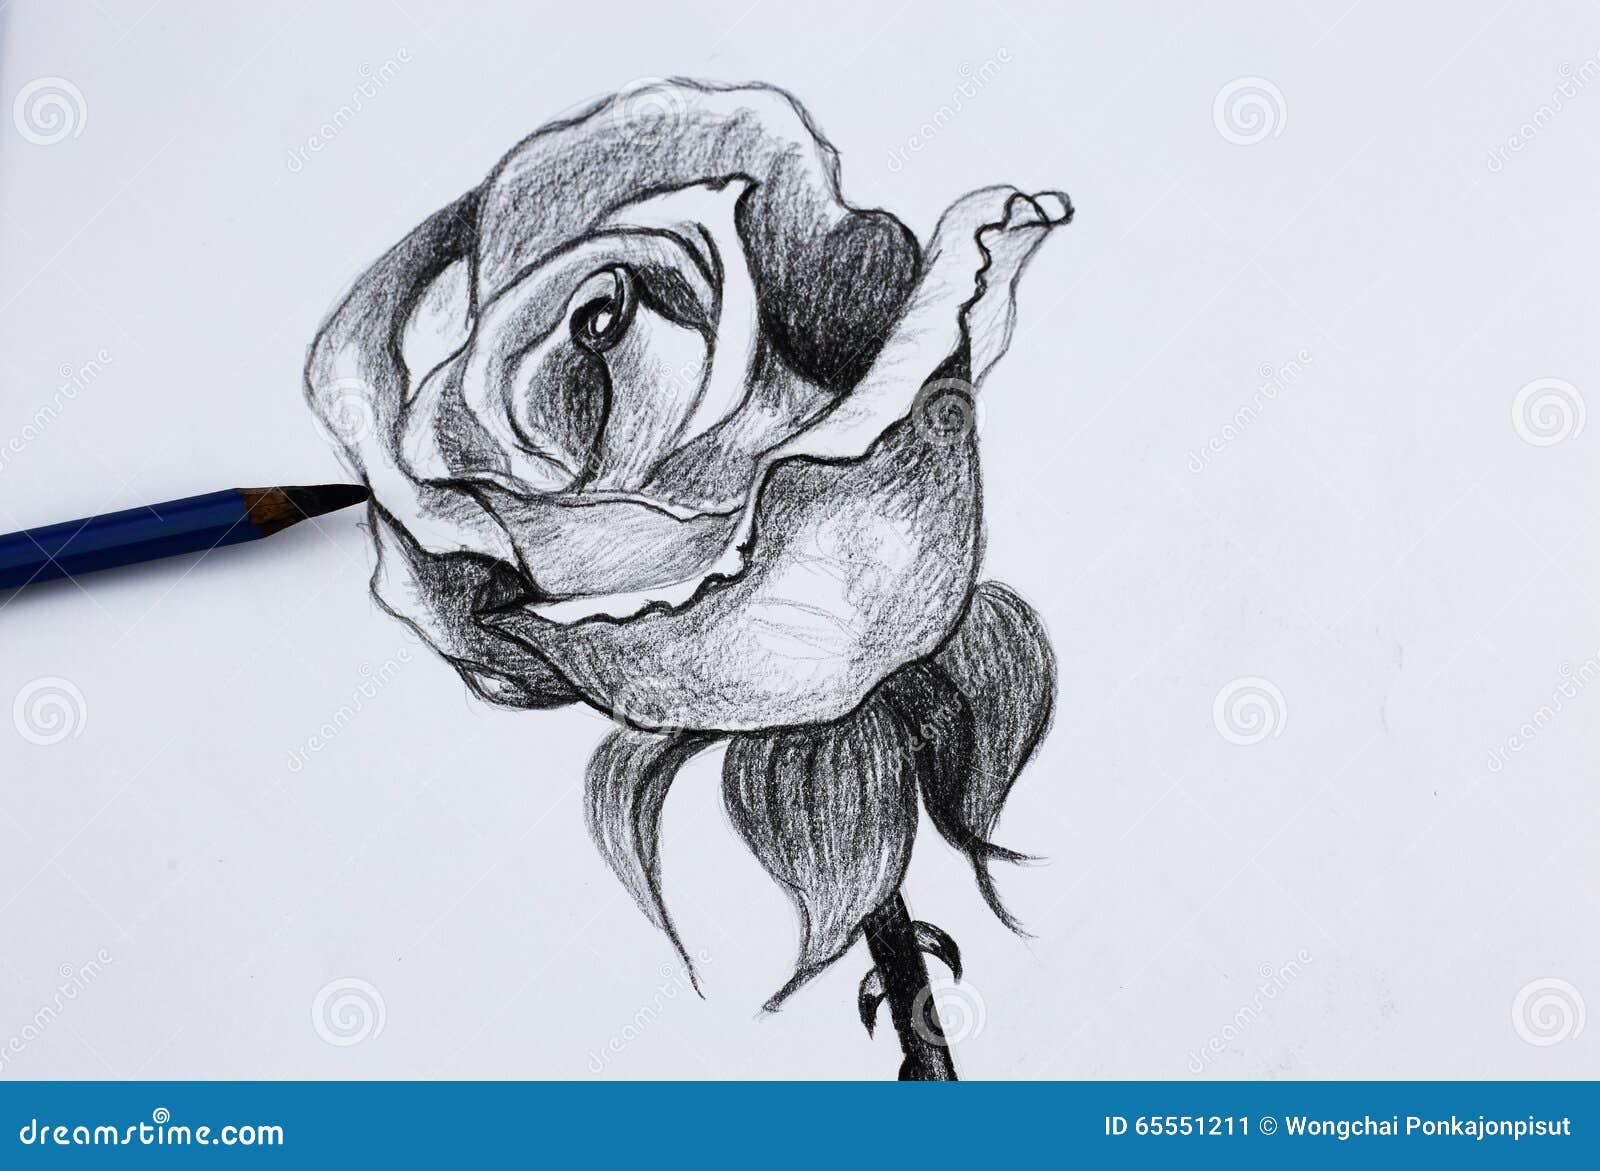 Estremamente Disegno A Matita I Dei Fiori Immagine Stock - Immagine: 65551211 MQ69